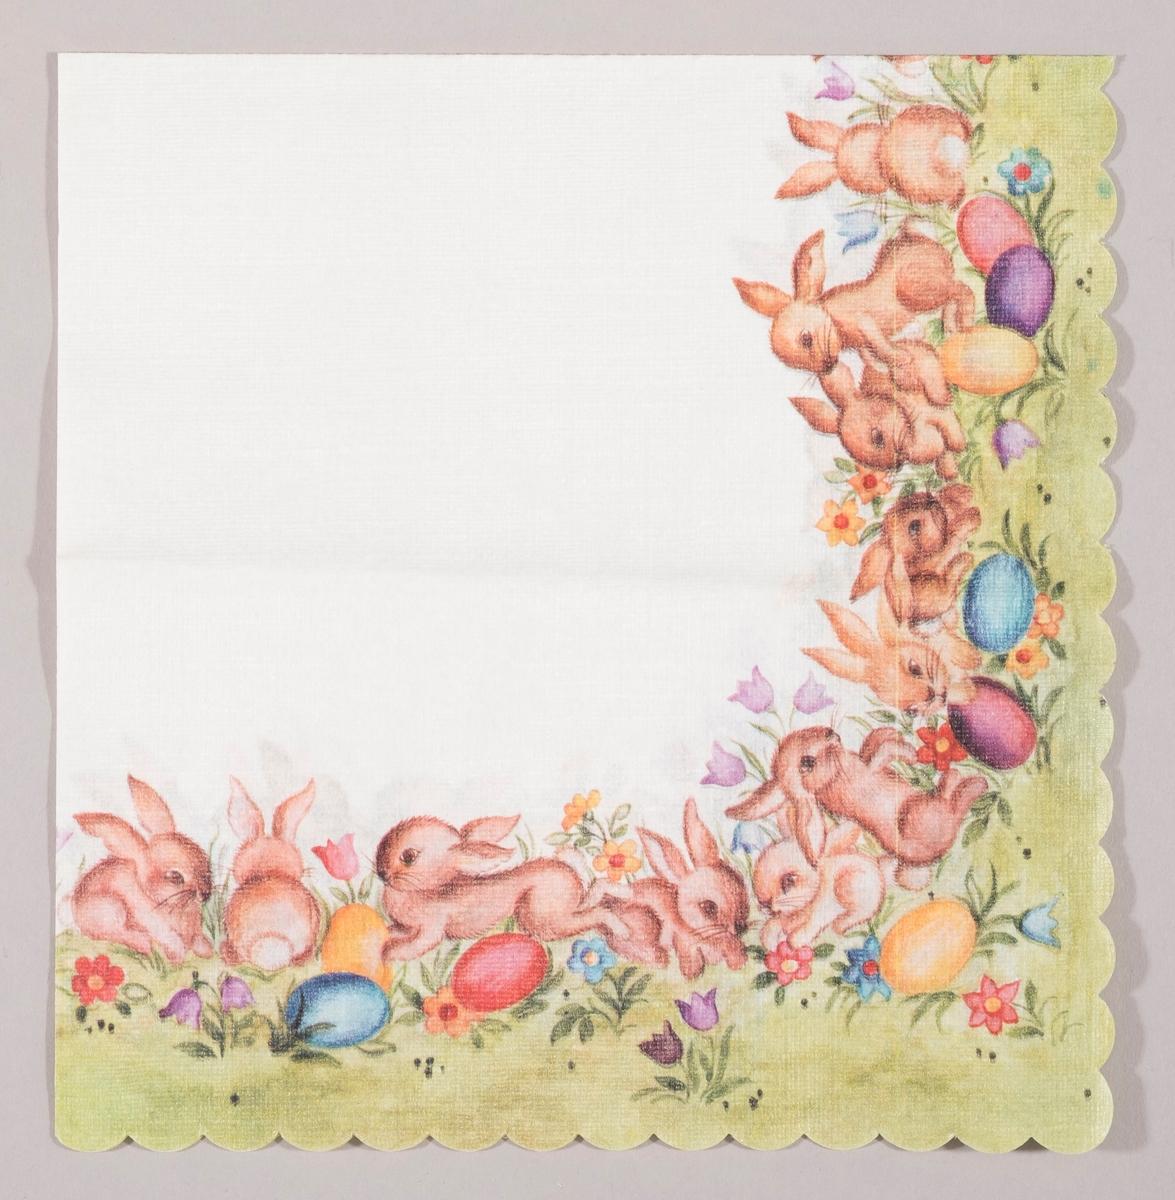 Mange påskeharer i en blomstereng med kulørte påskeegg og blomster i mange farger